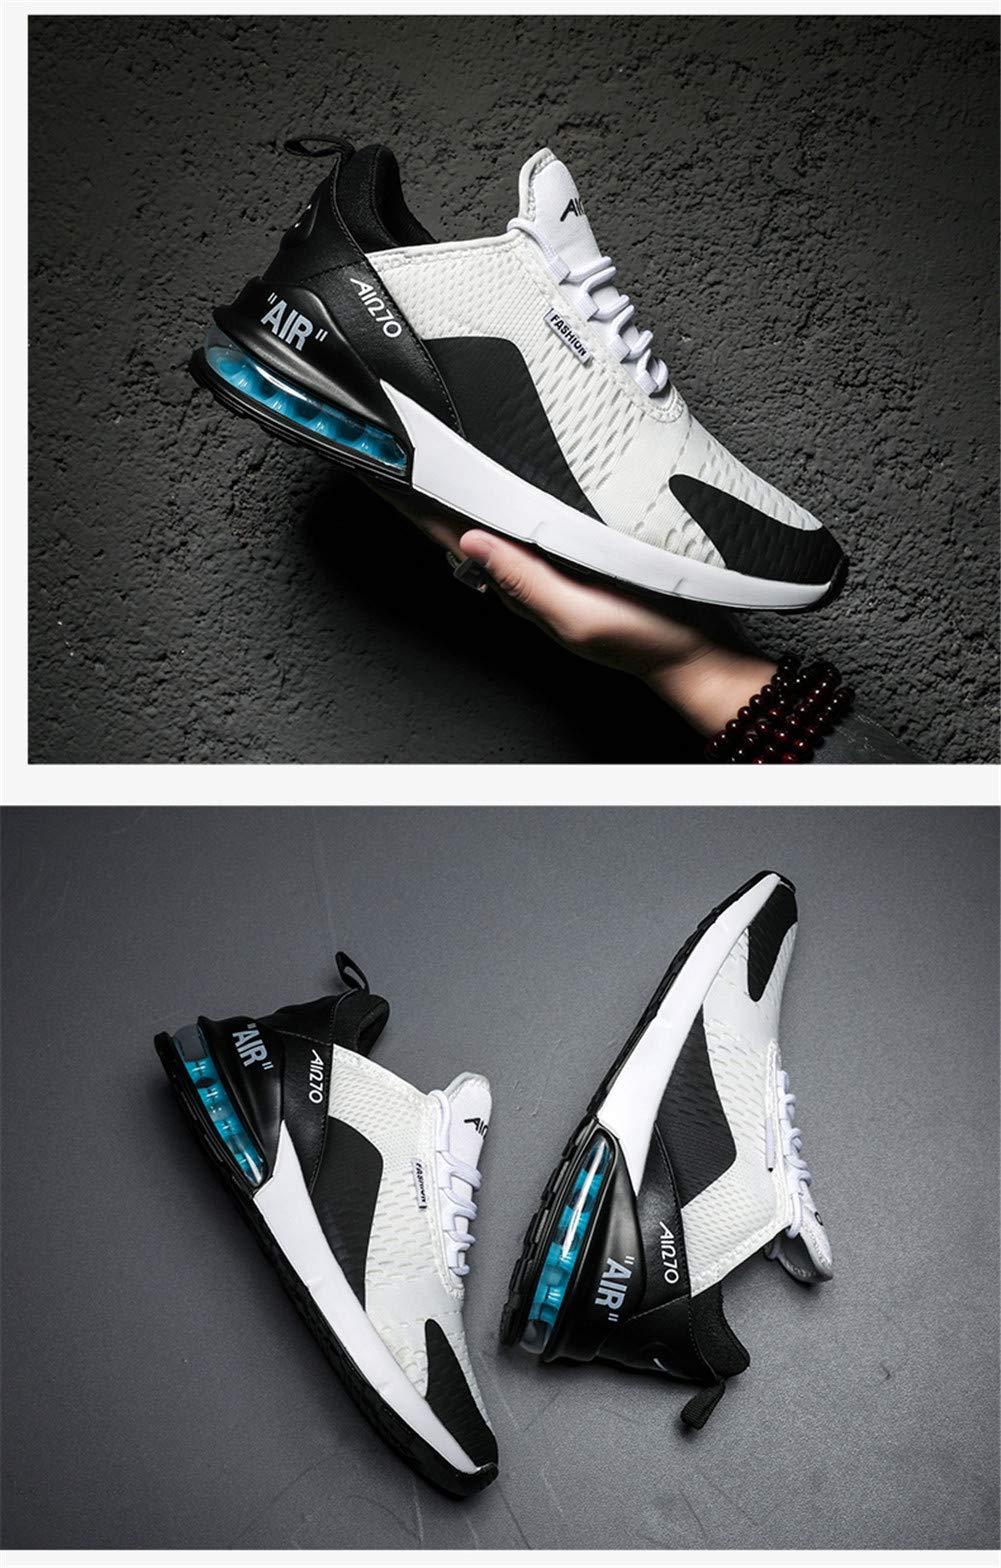 Scarpe Running Sneakers Uomo Donna Sport Scarpe da Ginnastica Fitness Respirabile Mesh Corsa Leggero Casual all'Aperto 5 spesavip